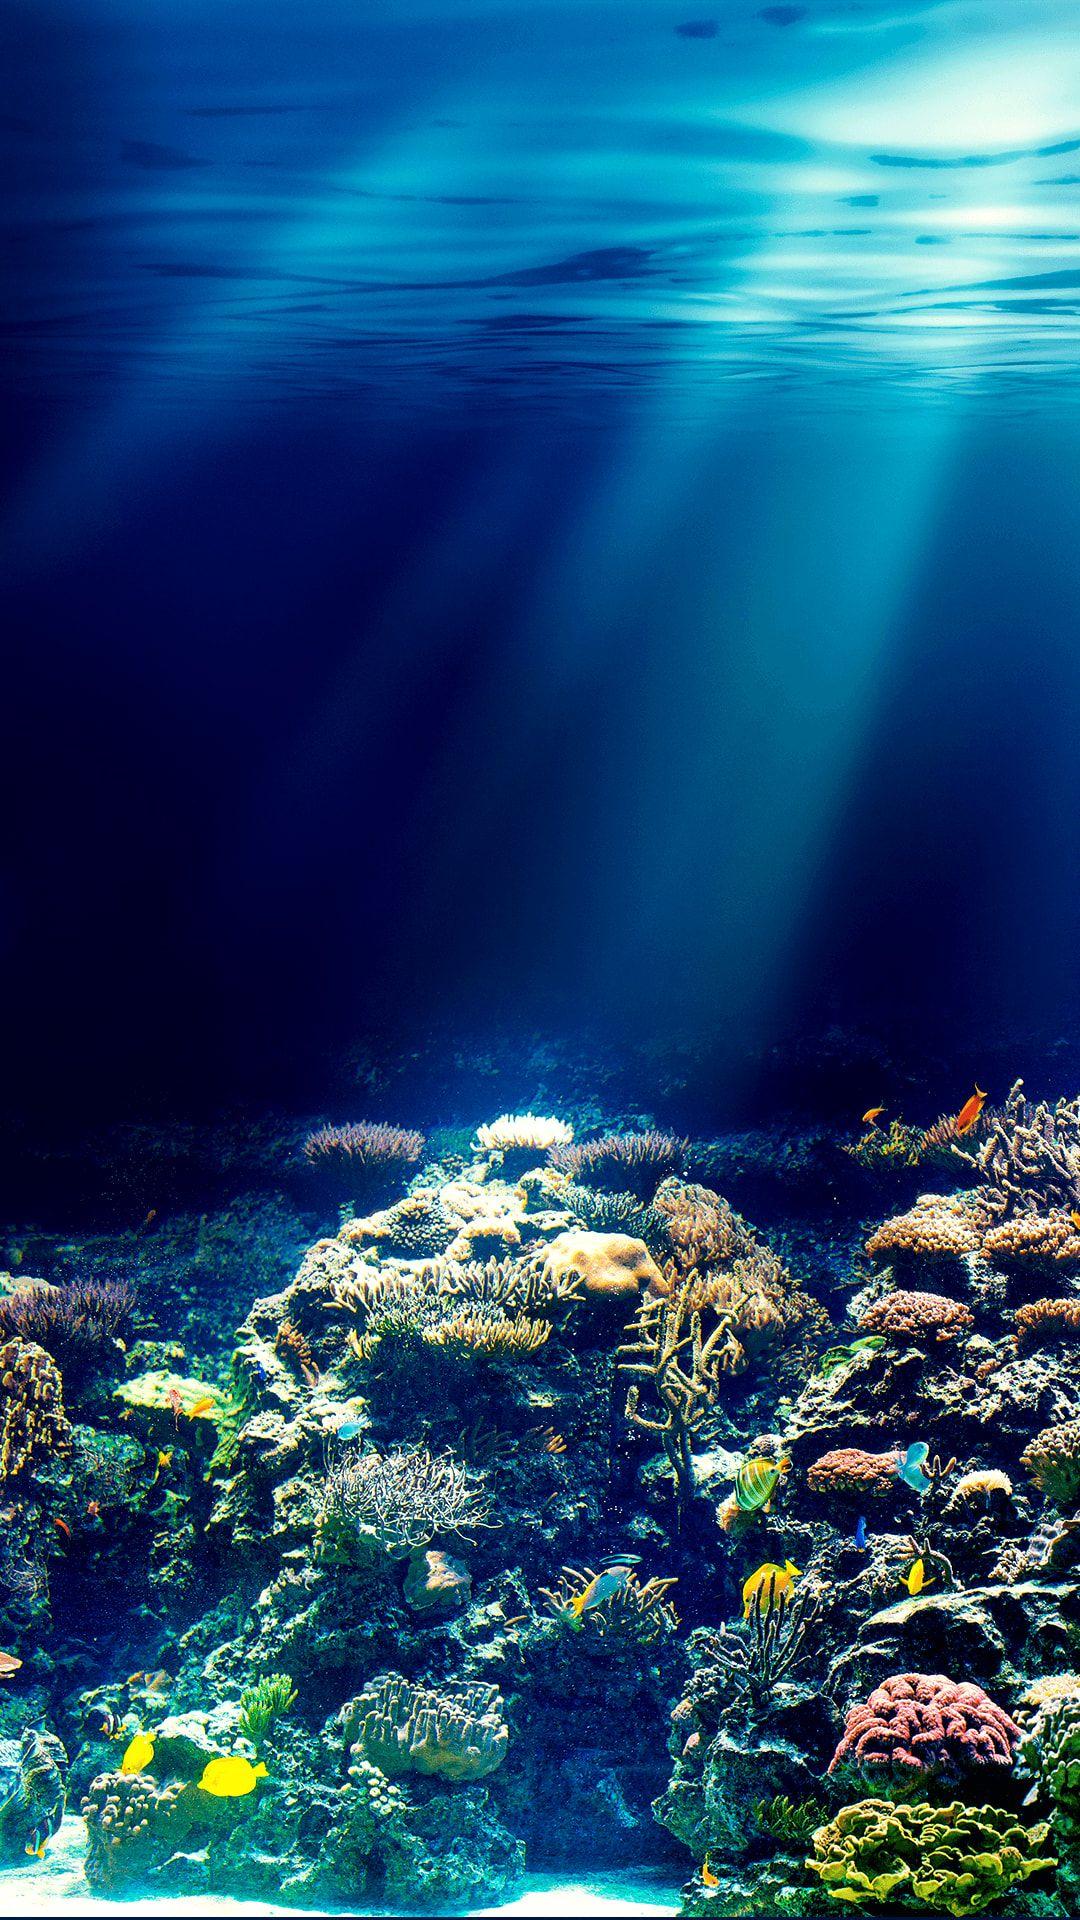 人気38位 水族館 Iphonex スマホ壁紙 待受画像ギャラリー 水 壁紙 風景の壁紙 庭作りのアイデア